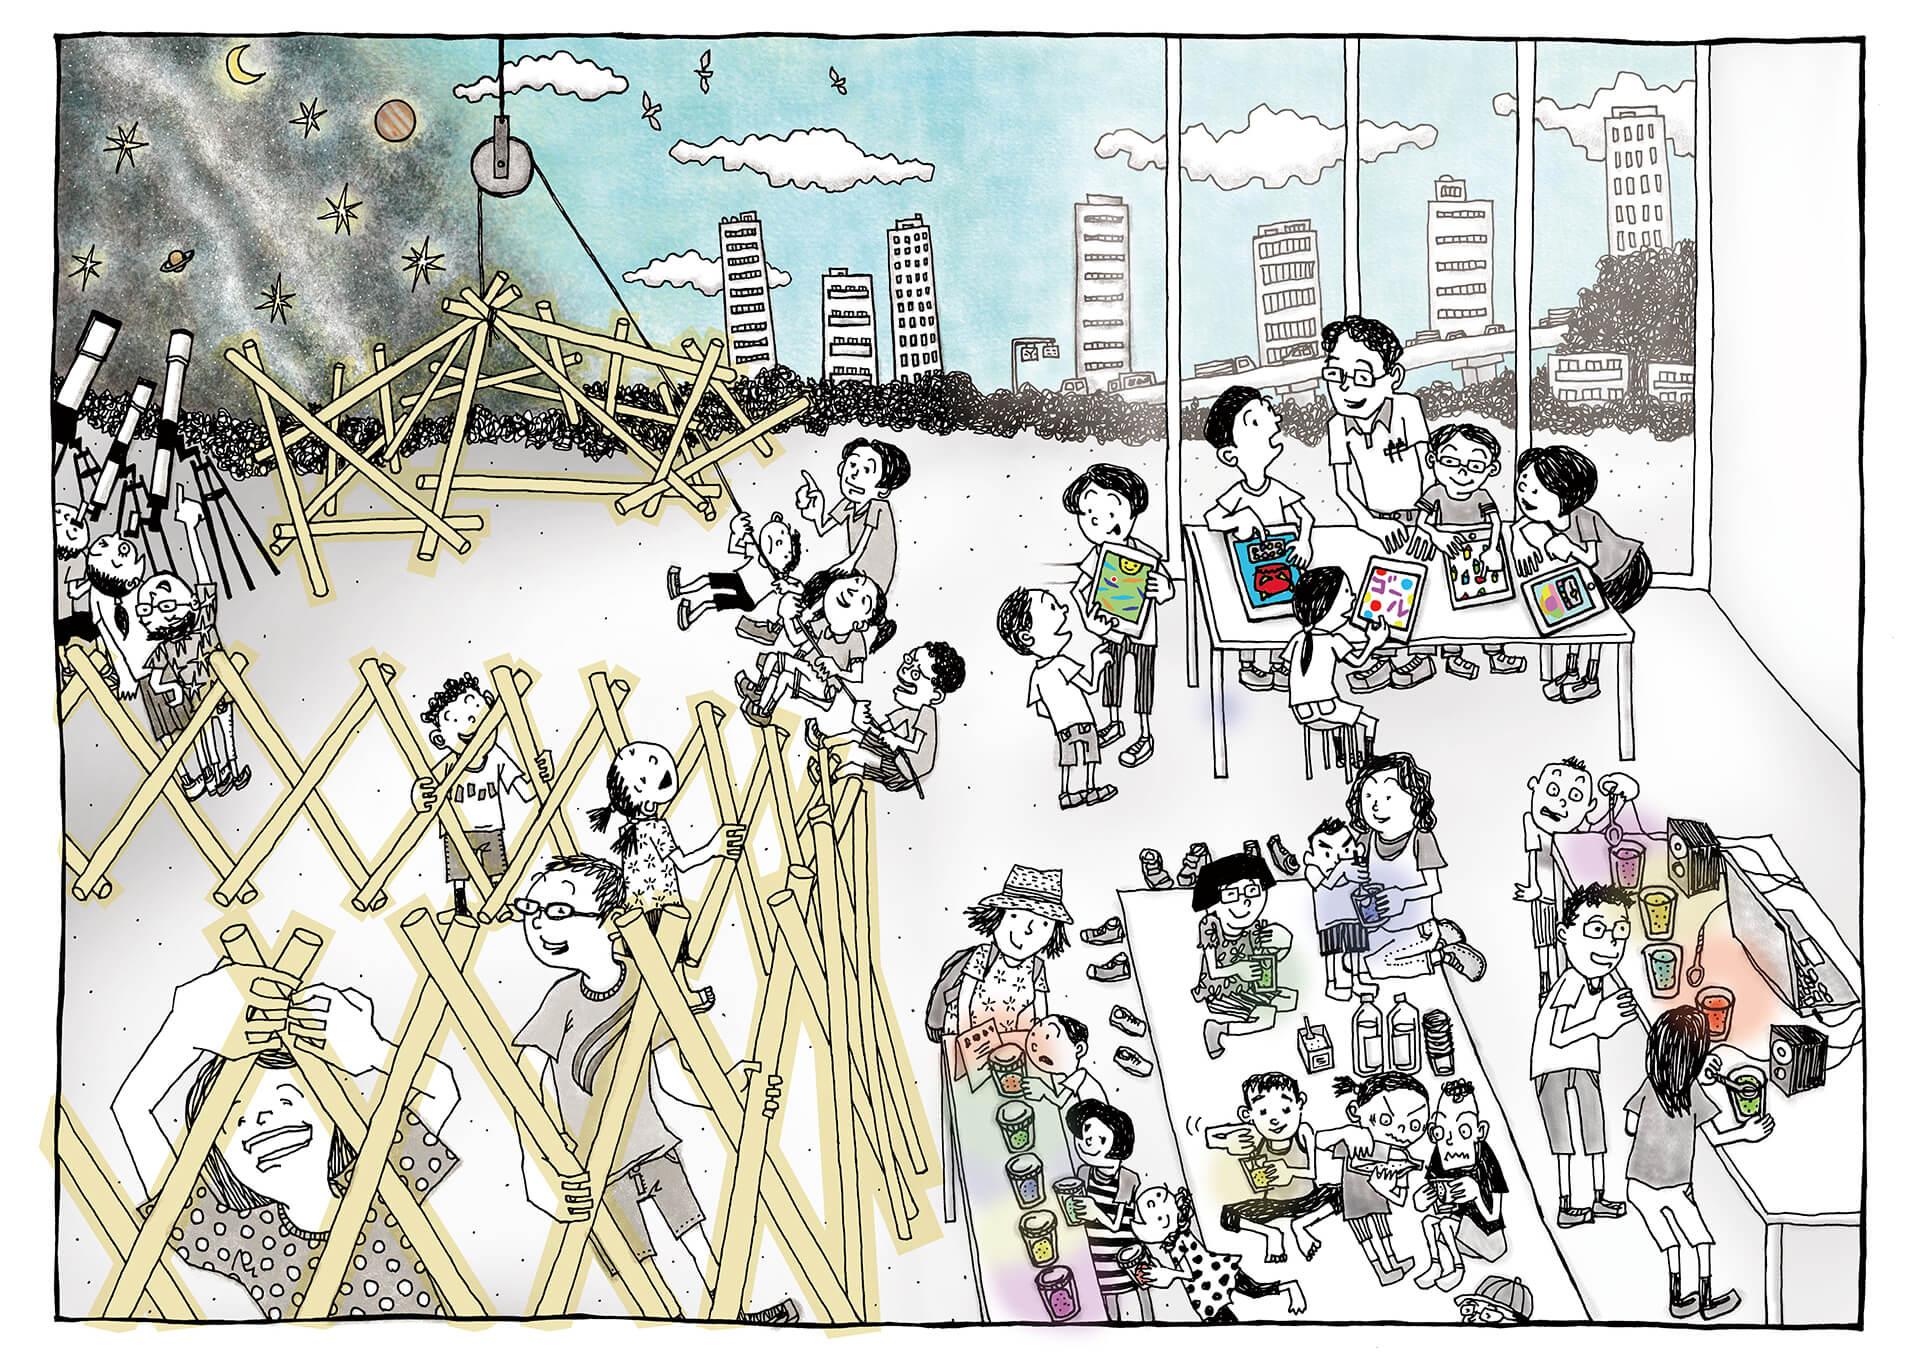 この写真は、東京ガーデンテラス紀尾井町で開催のひらめきそうぞうワークショップのメインビジュアル。たのしそうなイラストで構成されています